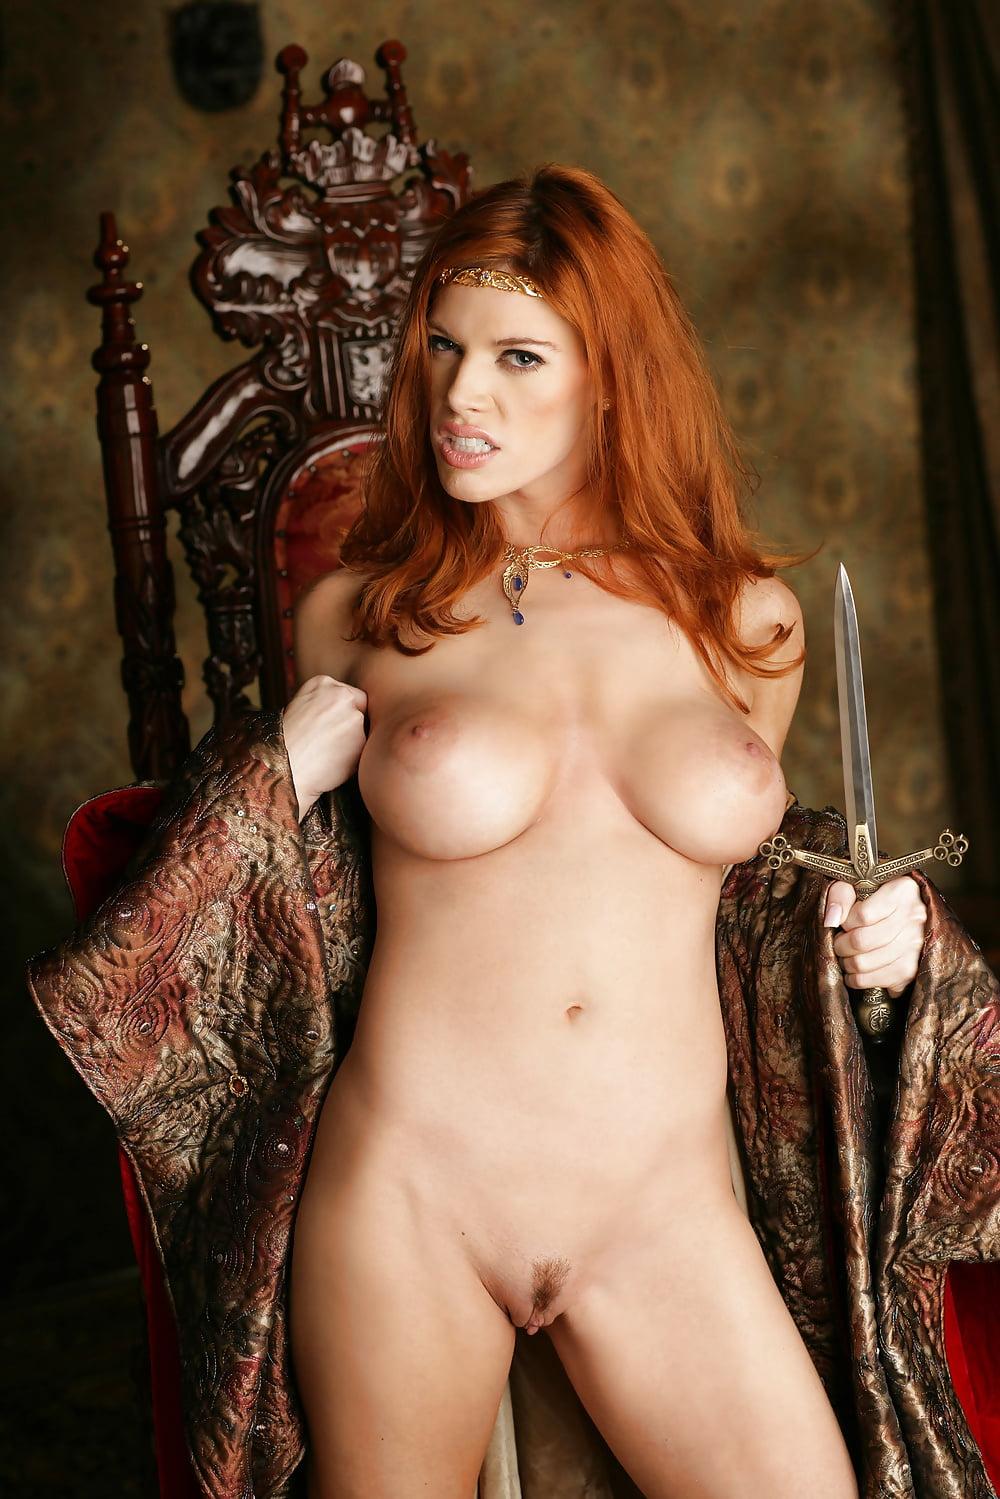 alyson-queen-nude